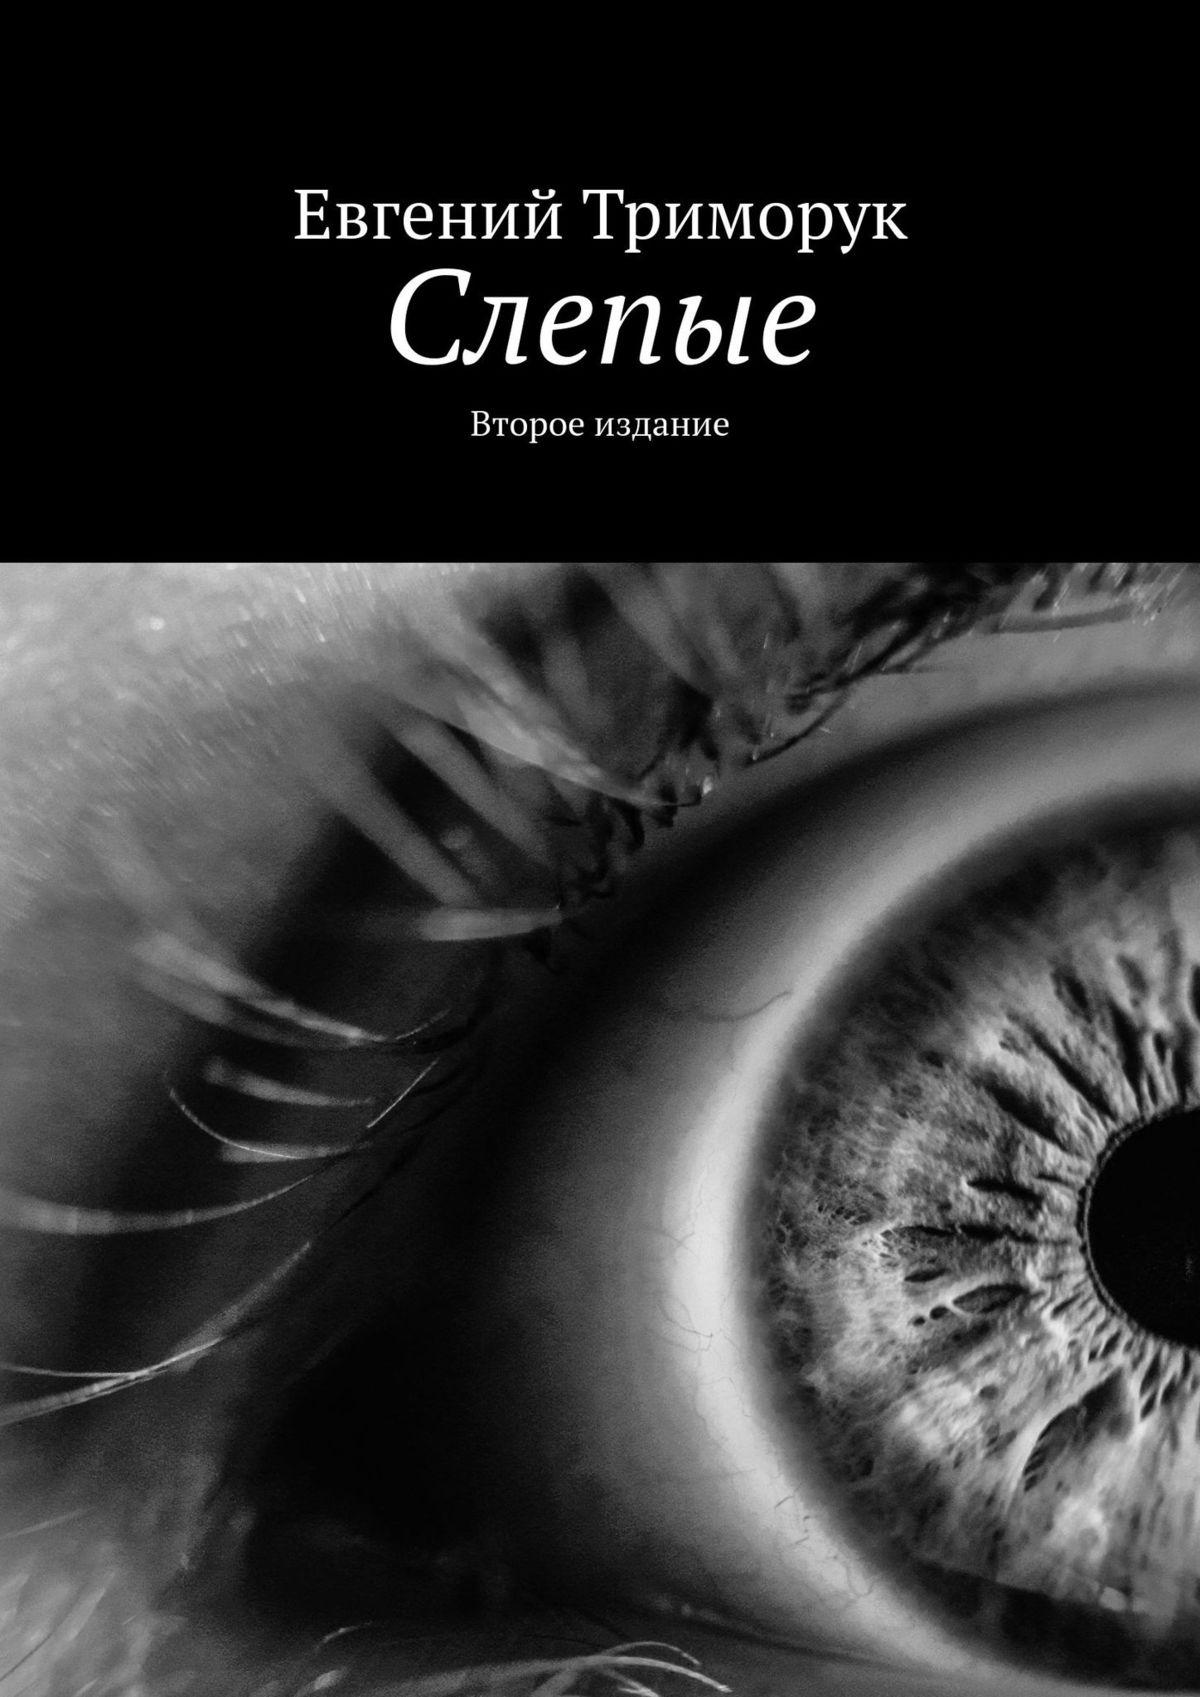 Евгений Триморук Слепые. Рассказ без границ слепые свидания 2 dvd